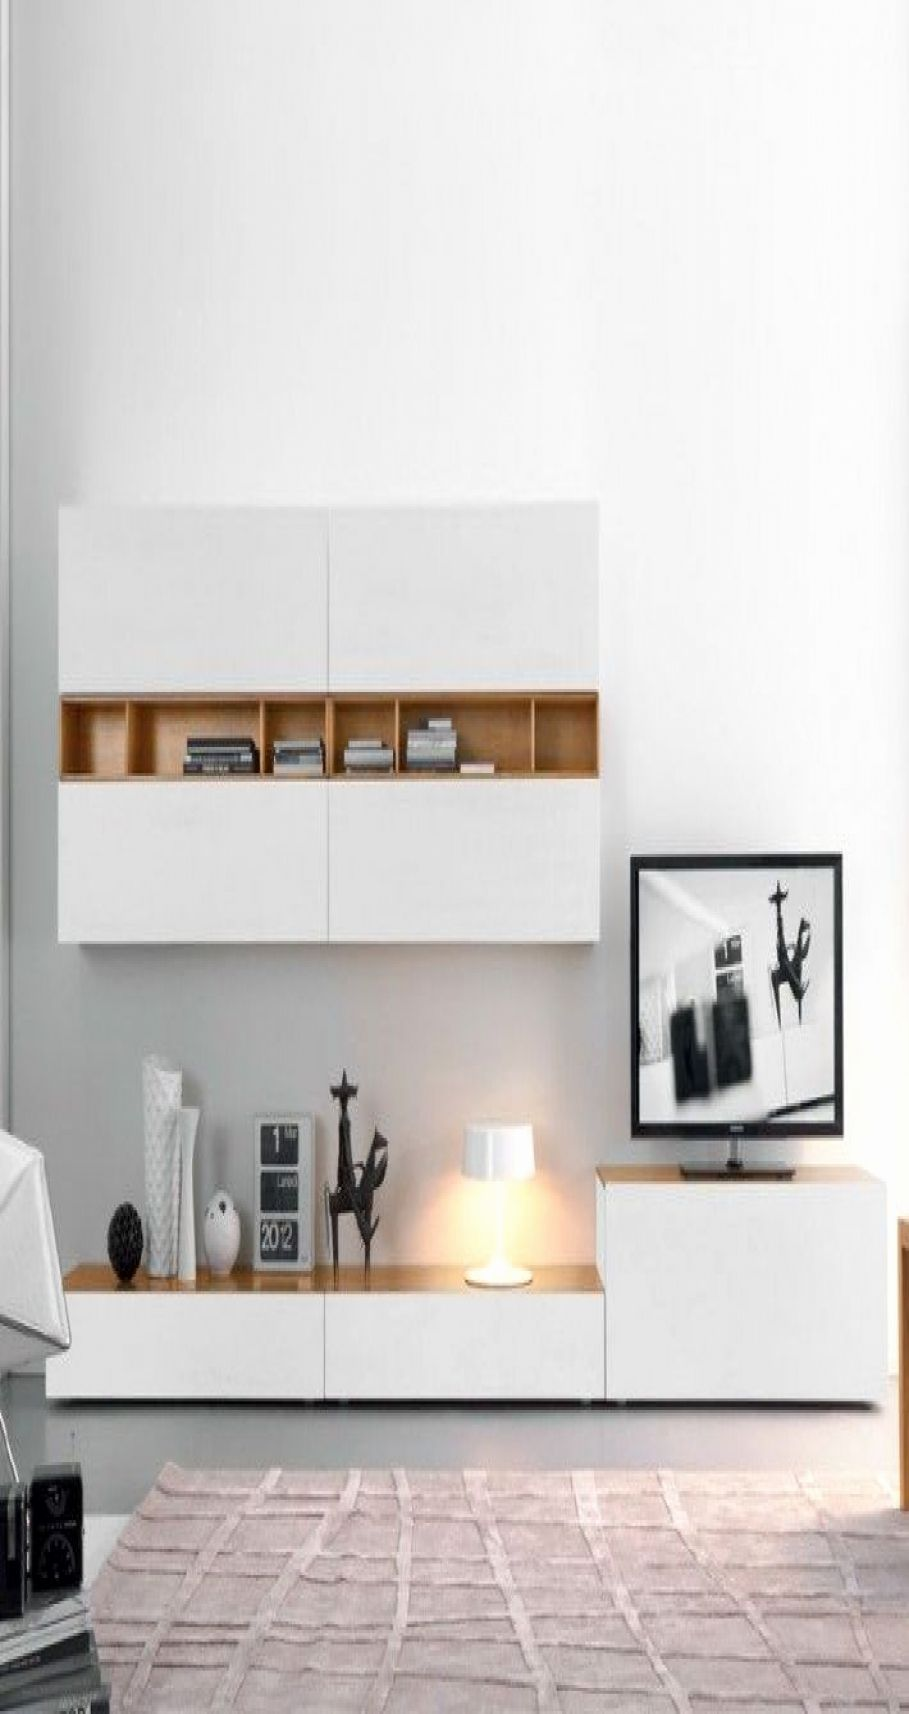 Tv Showcase Design Ideas For Living Room Decor 15524: Wohnwande Tv Mobel Wohnzimmer Wohnzimmer Und Schrankwände